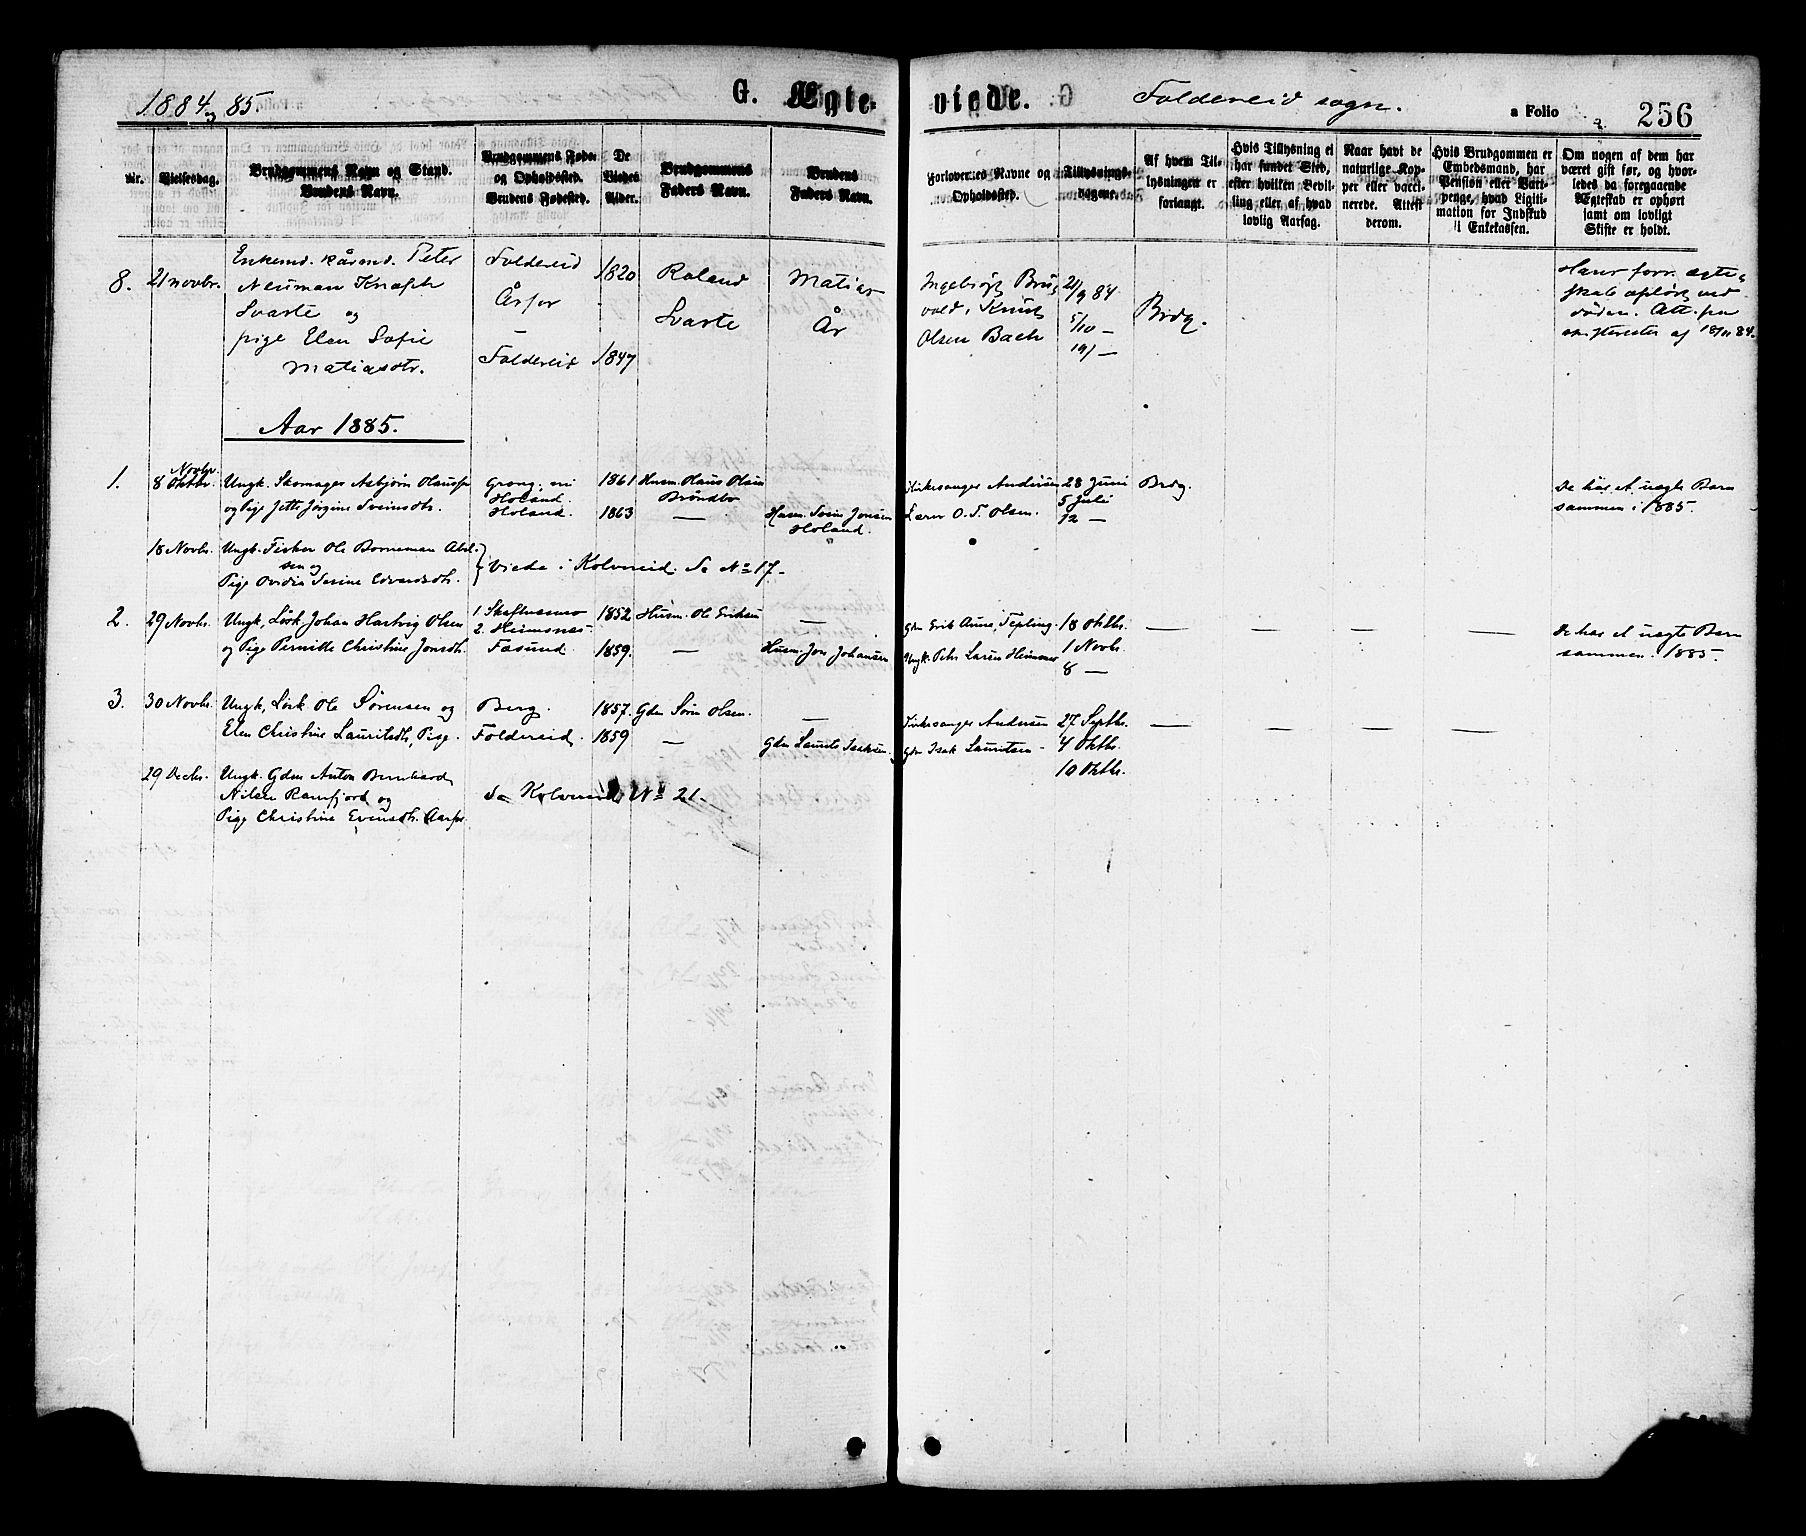 SAT, Ministerialprotokoller, klokkerbøker og fødselsregistre - Nord-Trøndelag, 780/L0642: Ministerialbok nr. 780A07 /2, 1878-1885, s. 256